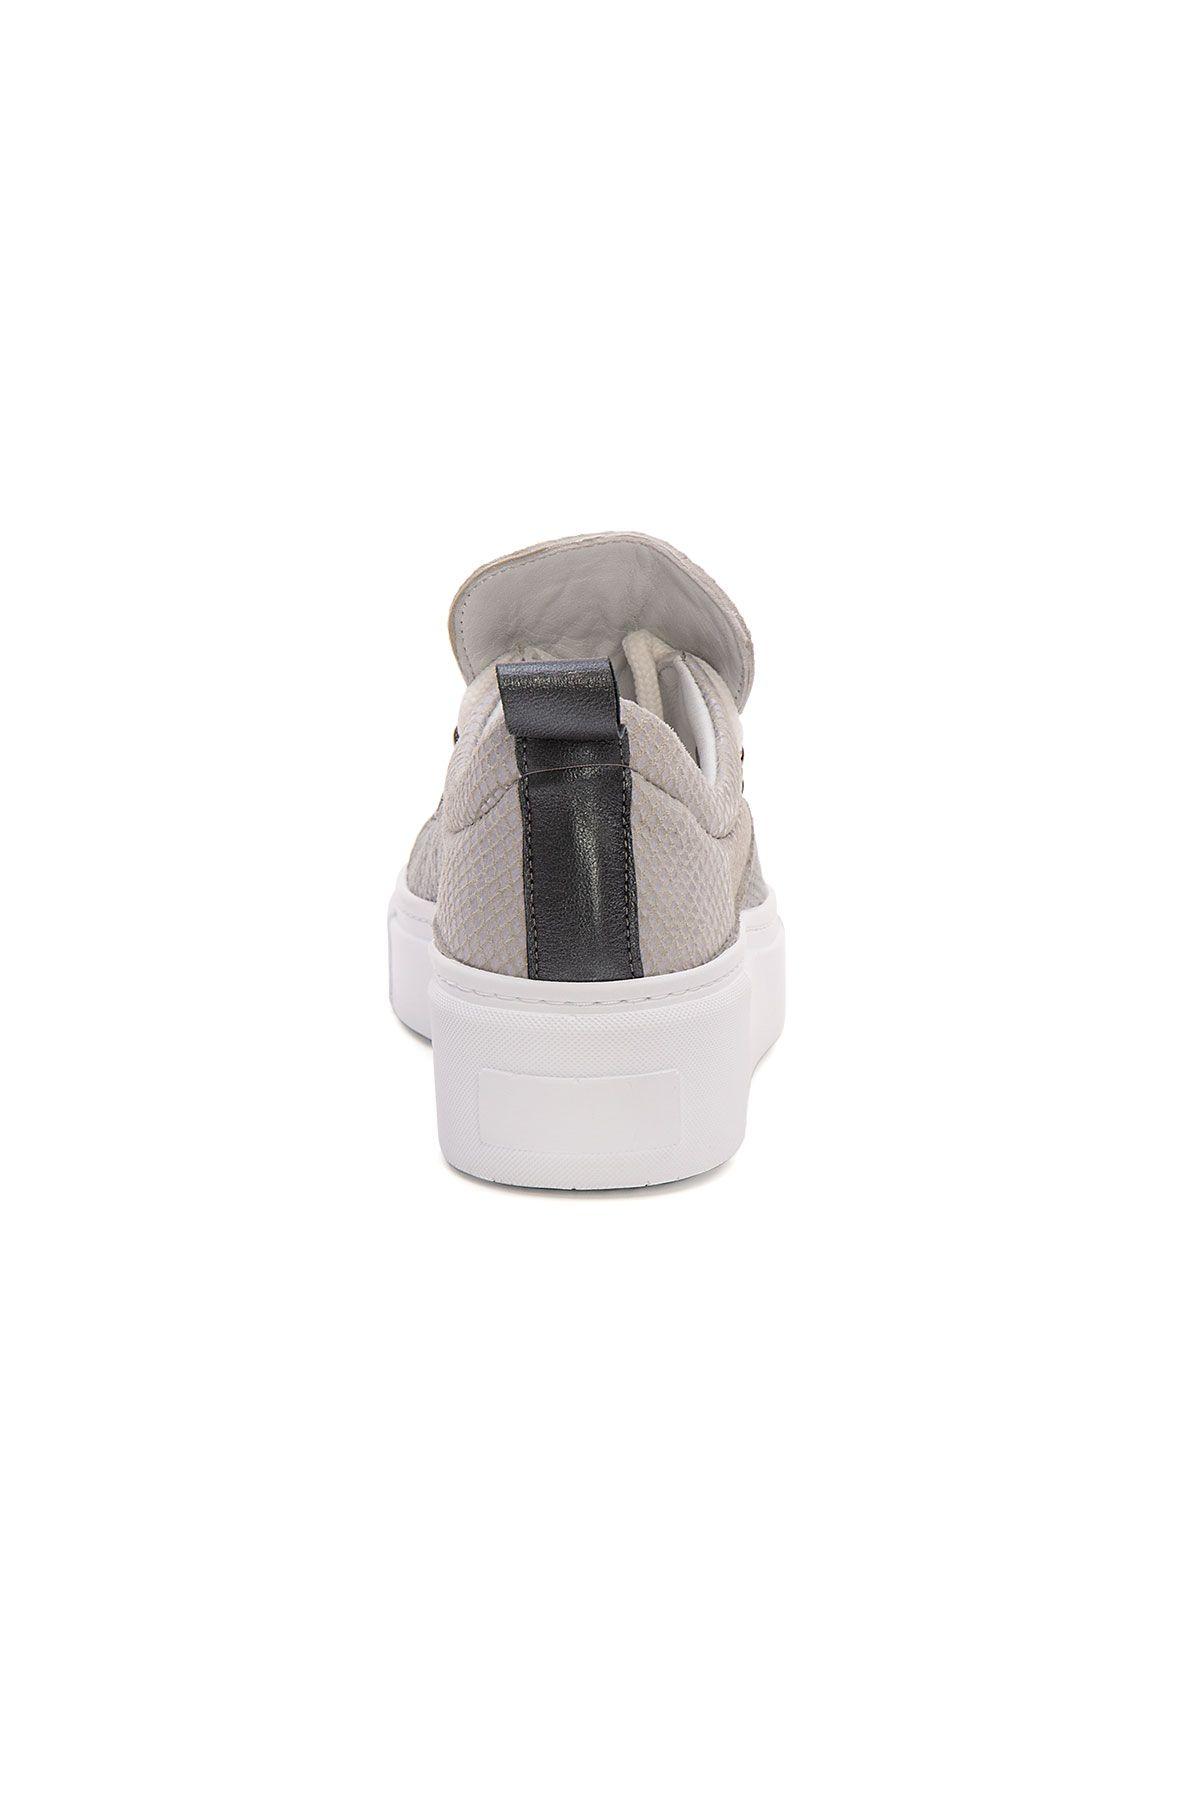 Pegia Genuine Leather Women's Sneaker LA1716 Gray